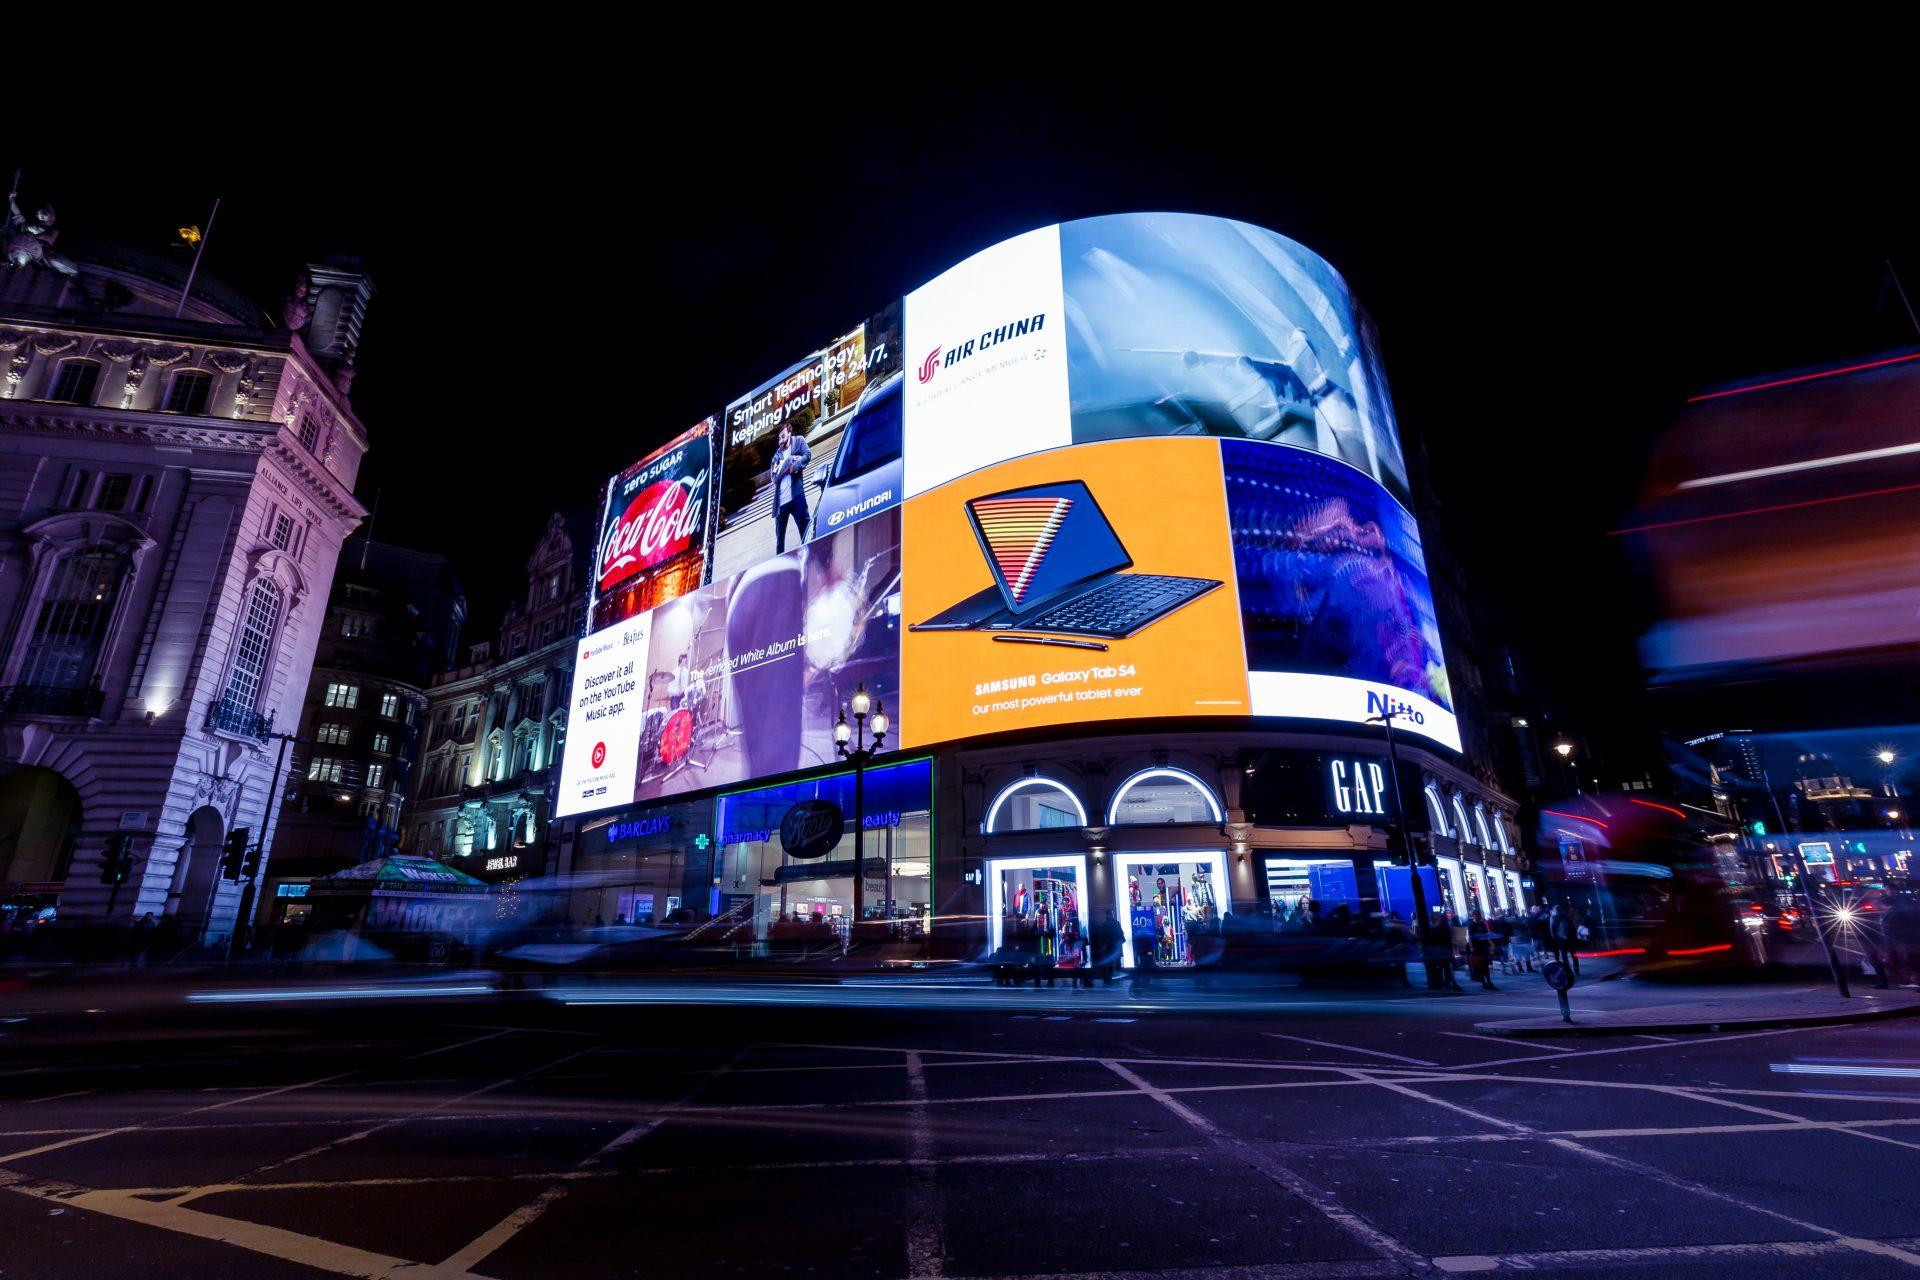 London highstreet Billboards above shops